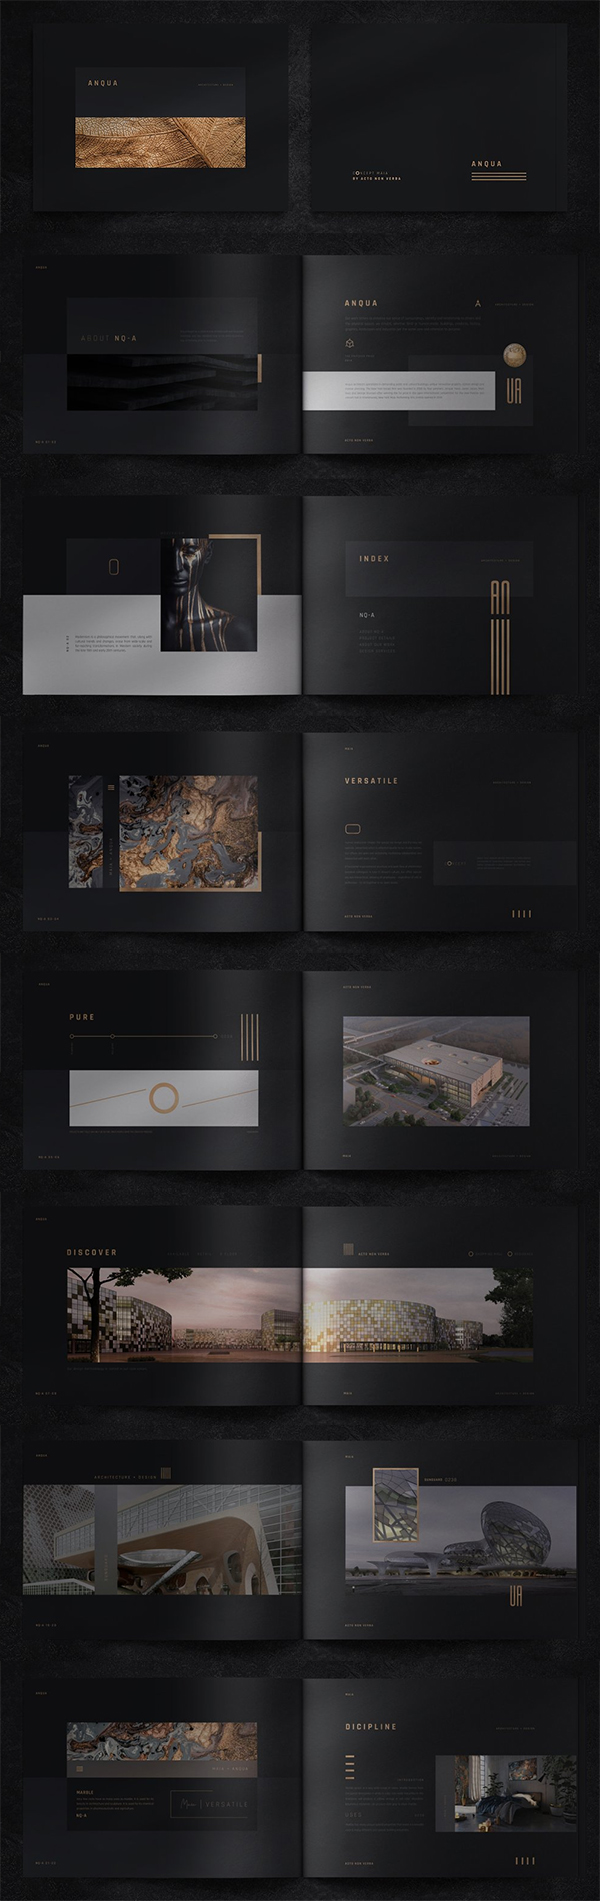 Anqua Portfolio / Brochure